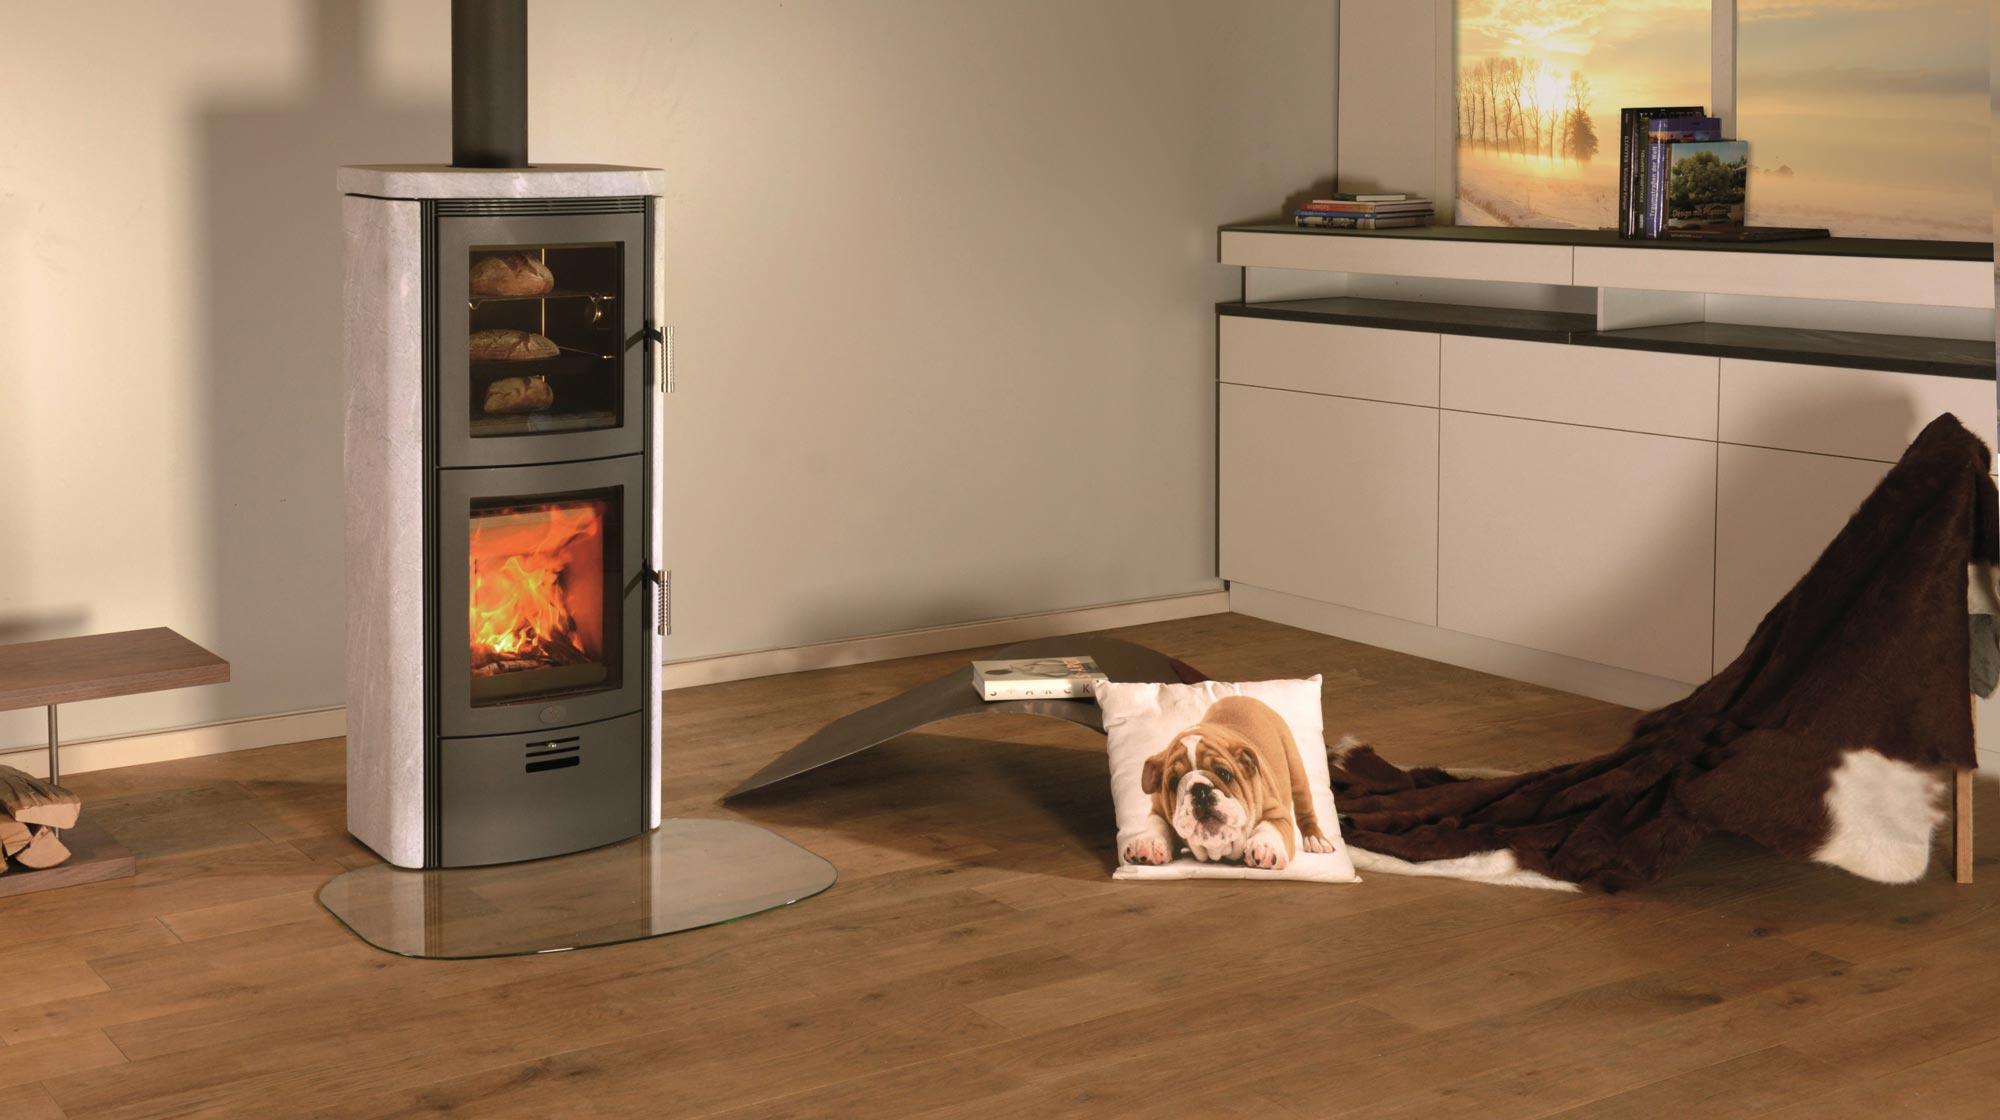 max blank kamin fen neue brat und back linie. Black Bedroom Furniture Sets. Home Design Ideas